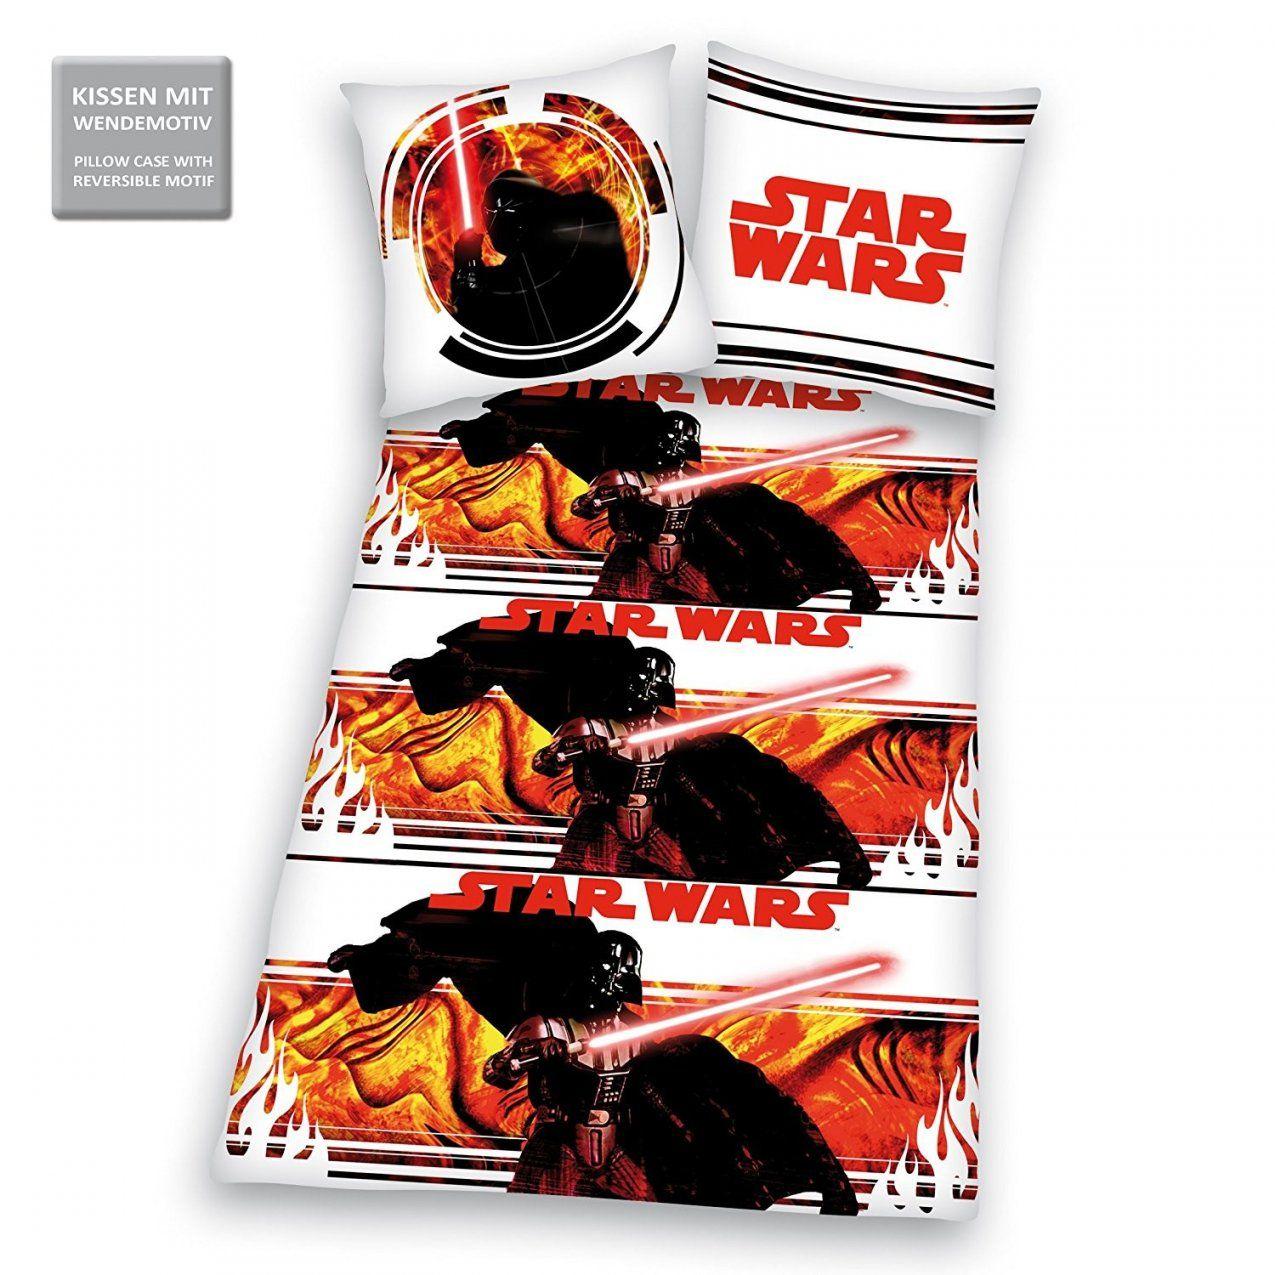 Luxus Star Wars Bettwäsche Kylo Ren  Bettwäsche Ideen von Kylo Ren Bettwäsche Photo